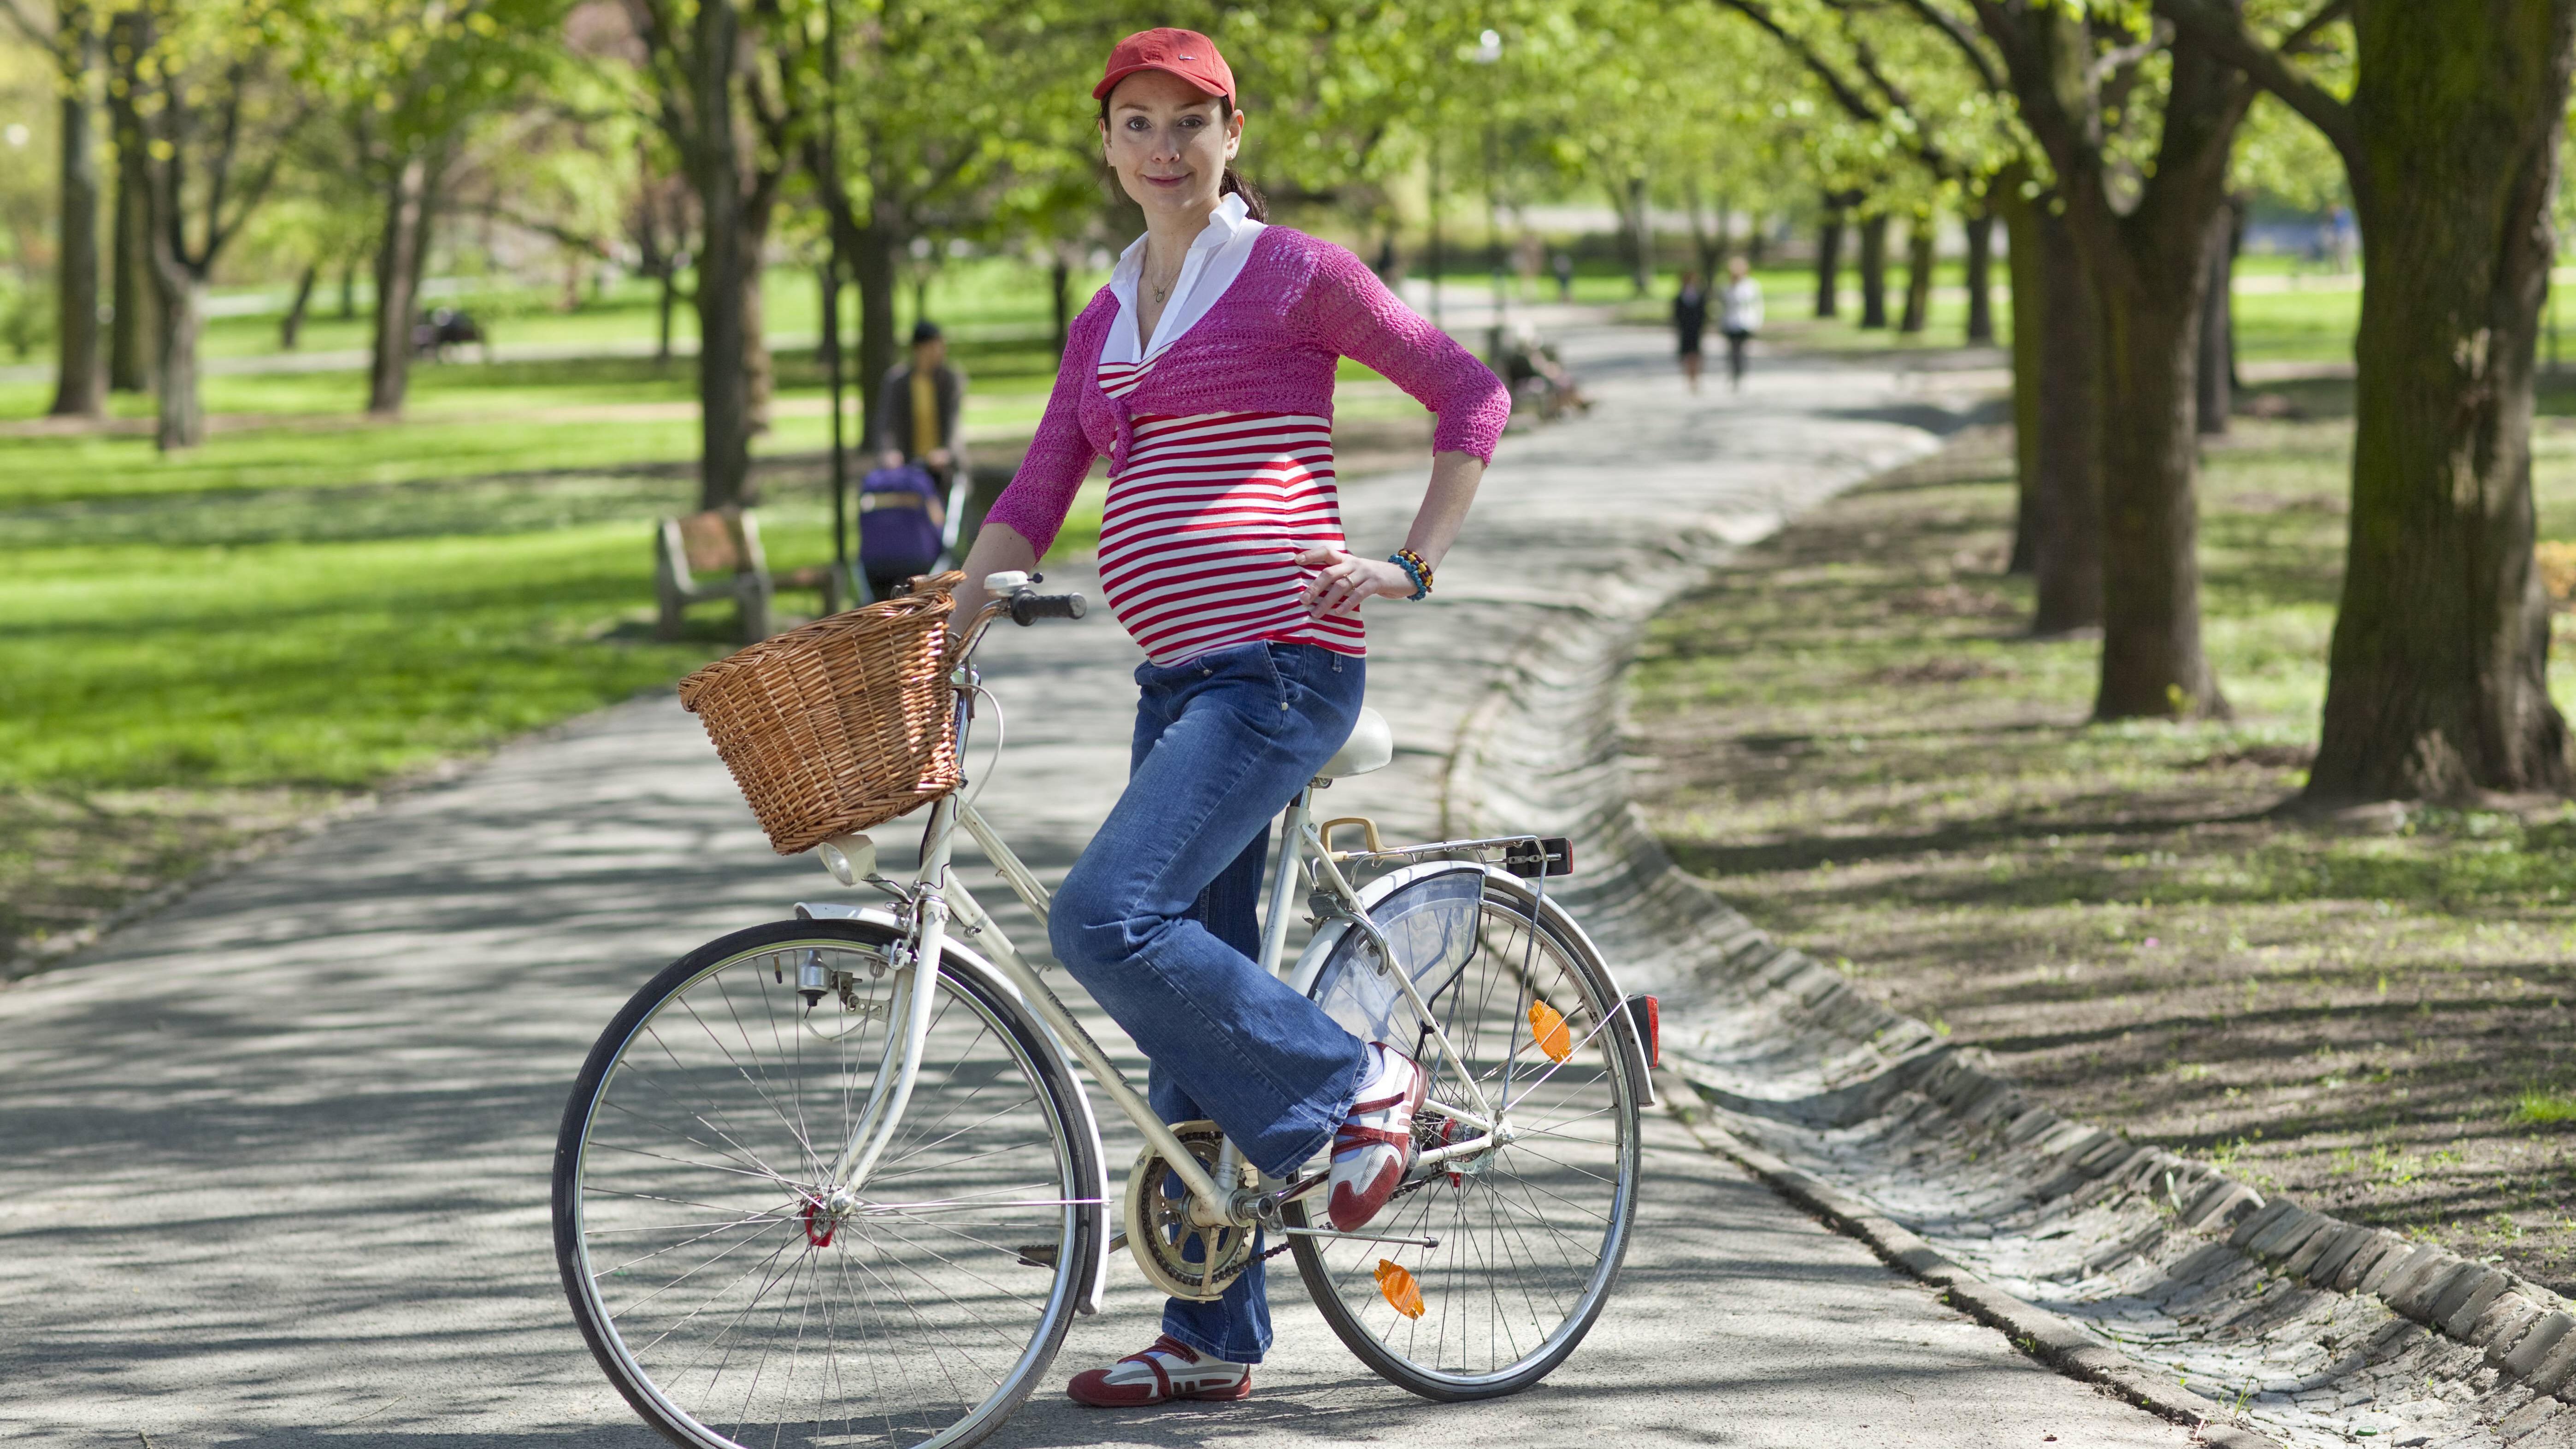 Schwanger Fahrrad fahren: Was Sie dabei beachten sollten